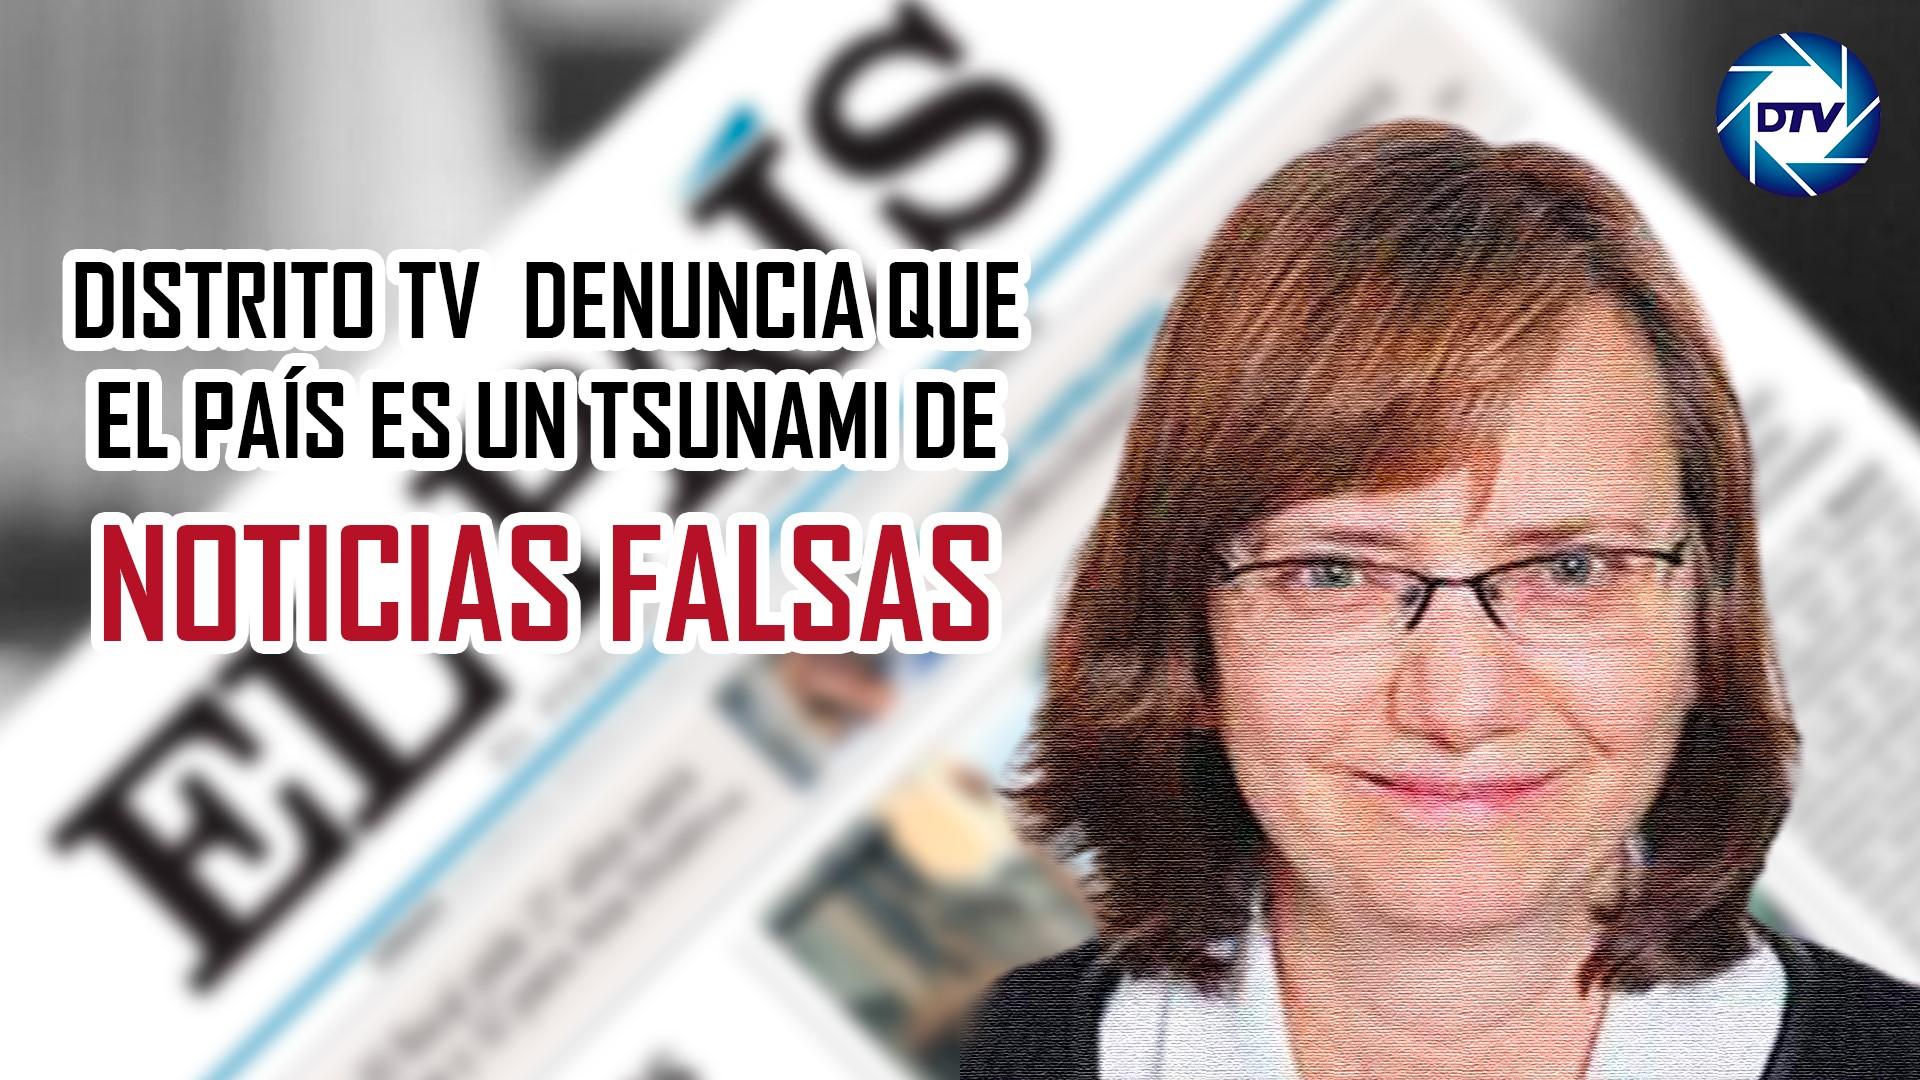 DistritoTV denuncia las noticias falsas de EL PAÍS